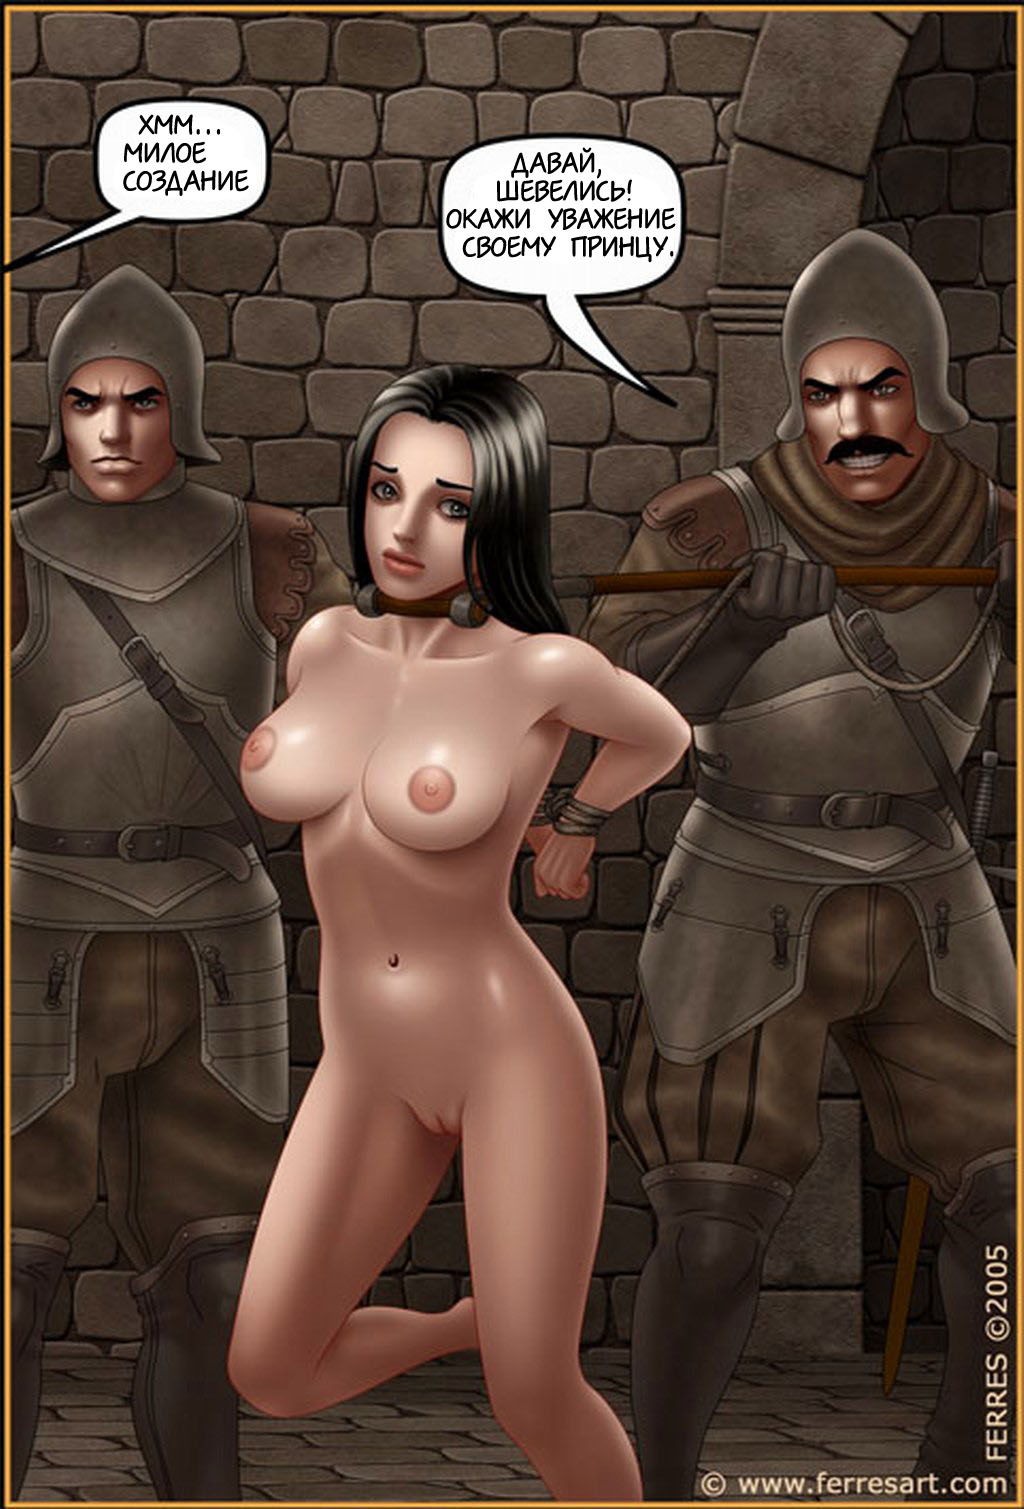 Средневековье порно рассказы 11 фотография